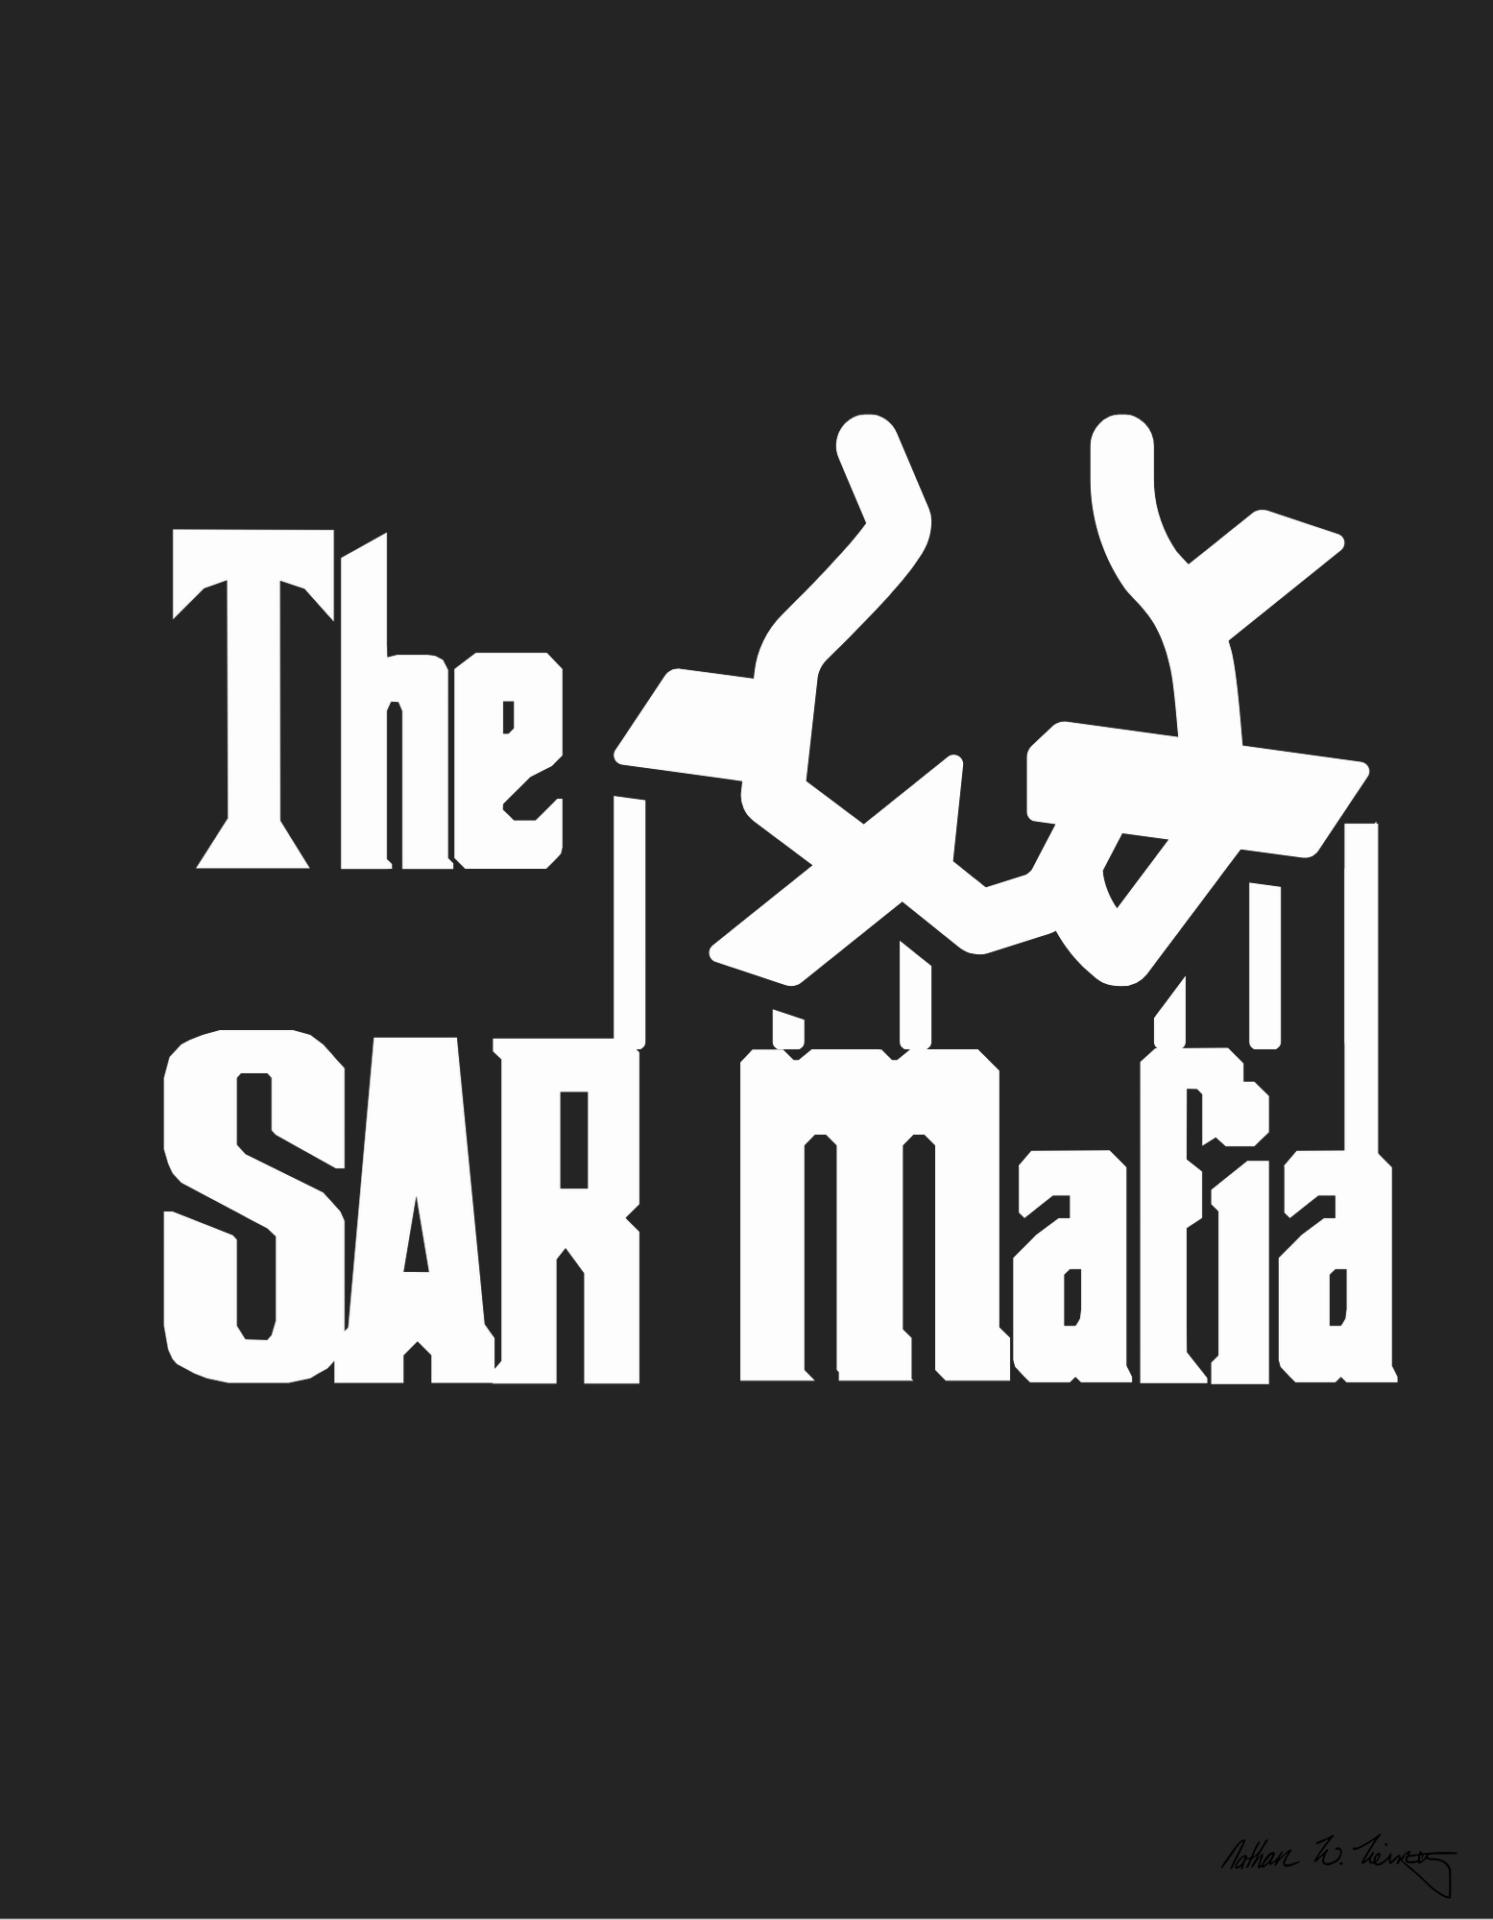 The search and rescue (SAR) Mafia